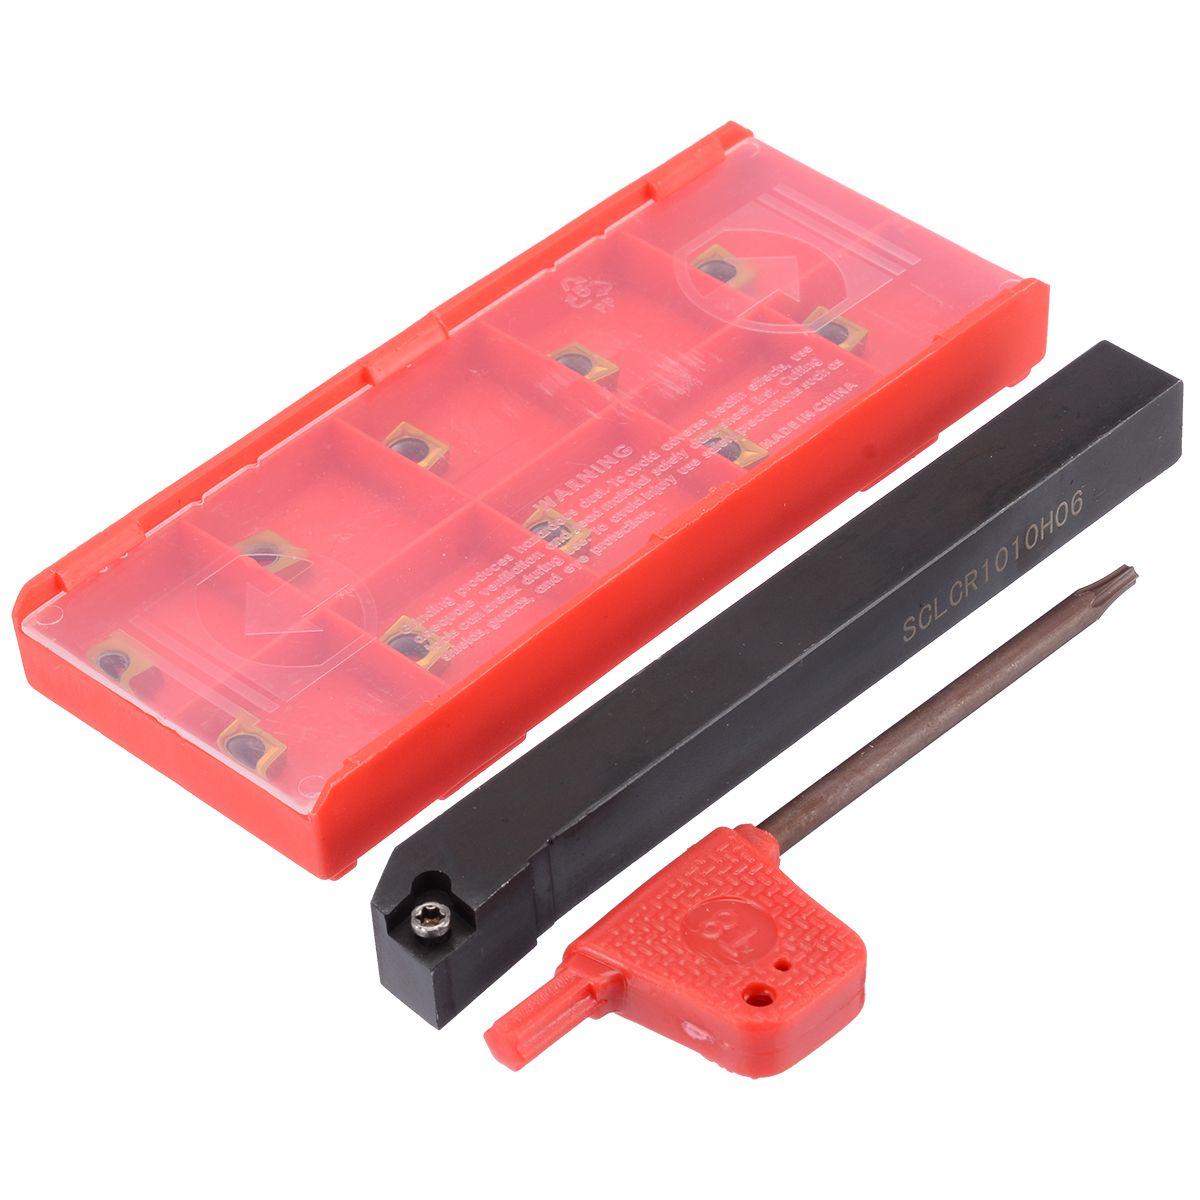 1 stück SCLCR1010H06 Werkzeug Halter Langweilig Bar + 10 stücke CCMT0602 Einsätze Für CNC Drehmaschine Drehen Werkzeug